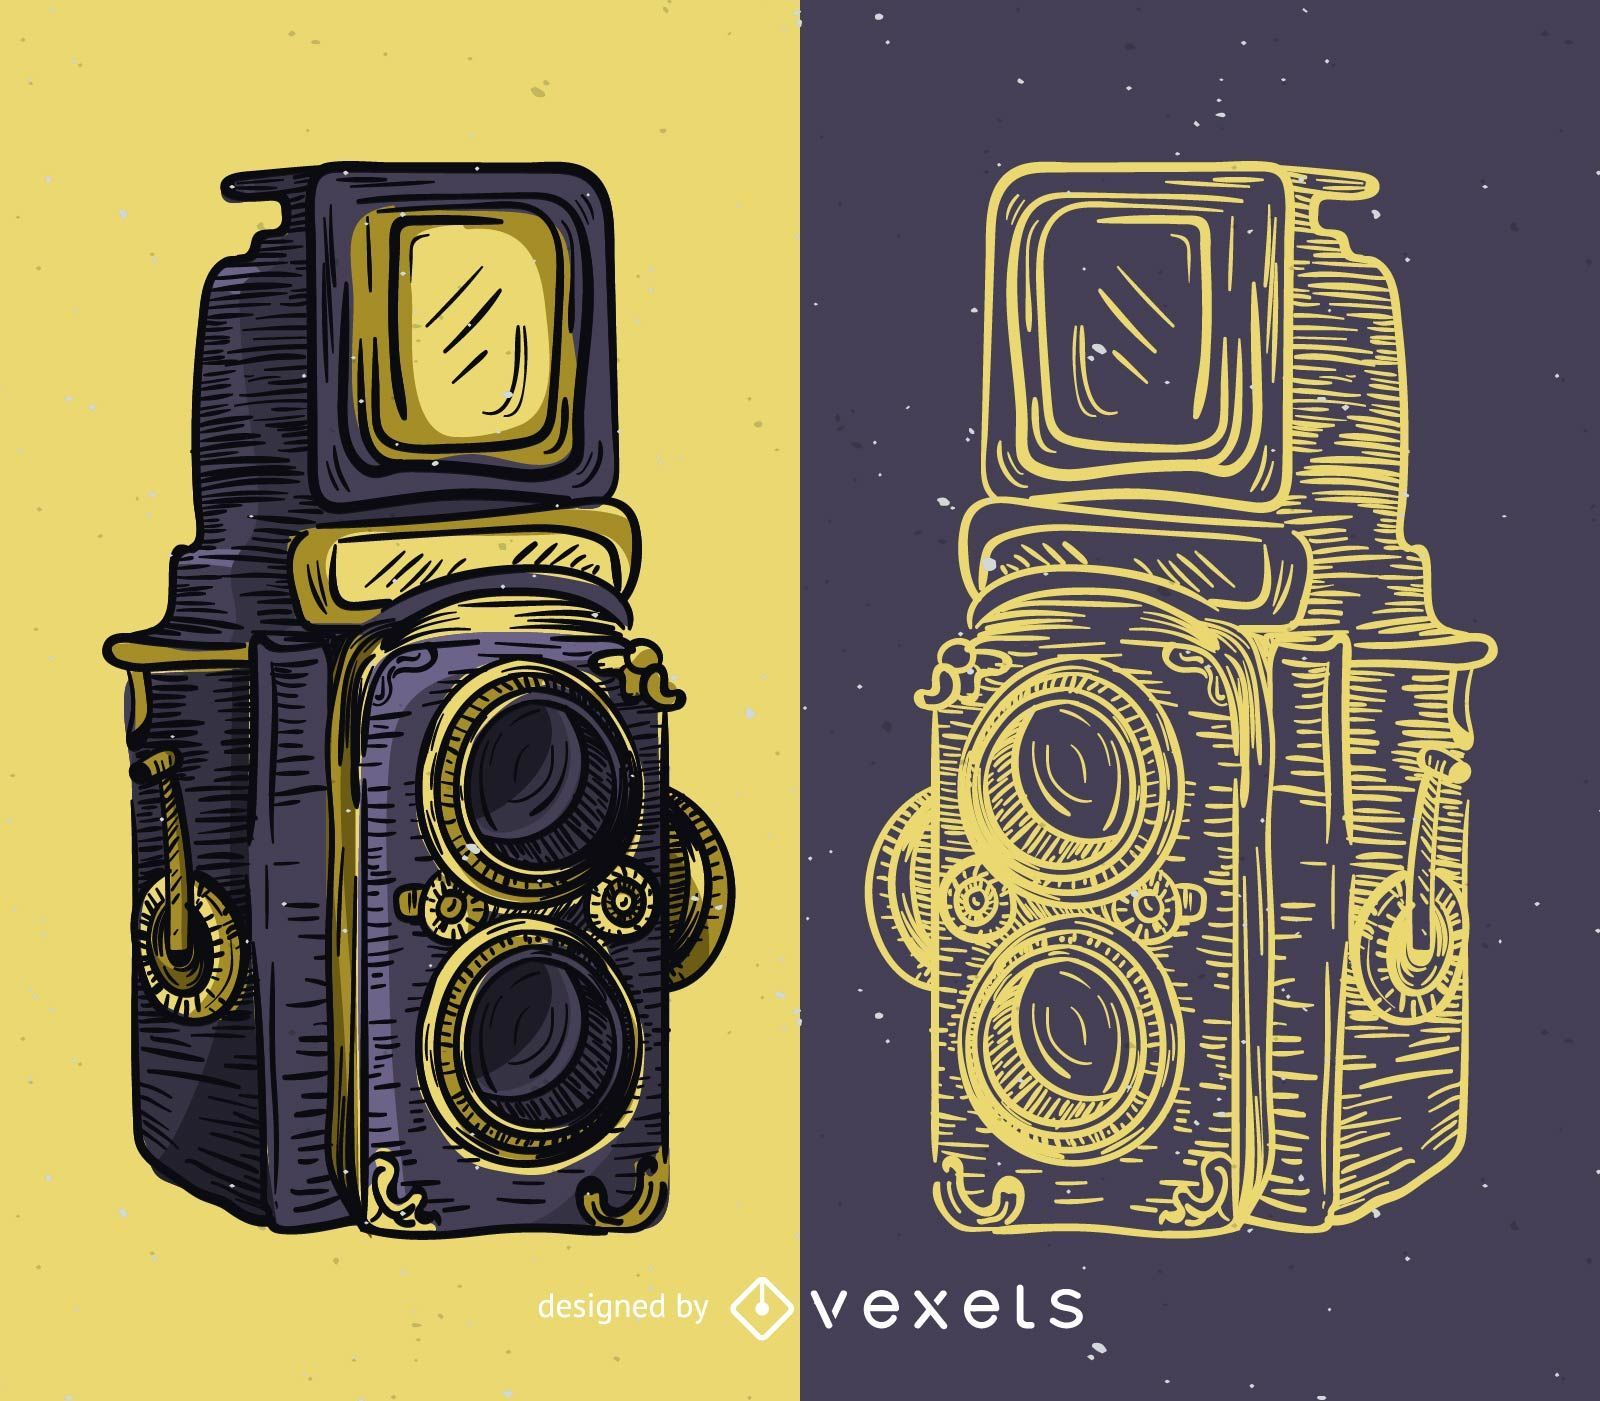 Vintage medium format camera illustration